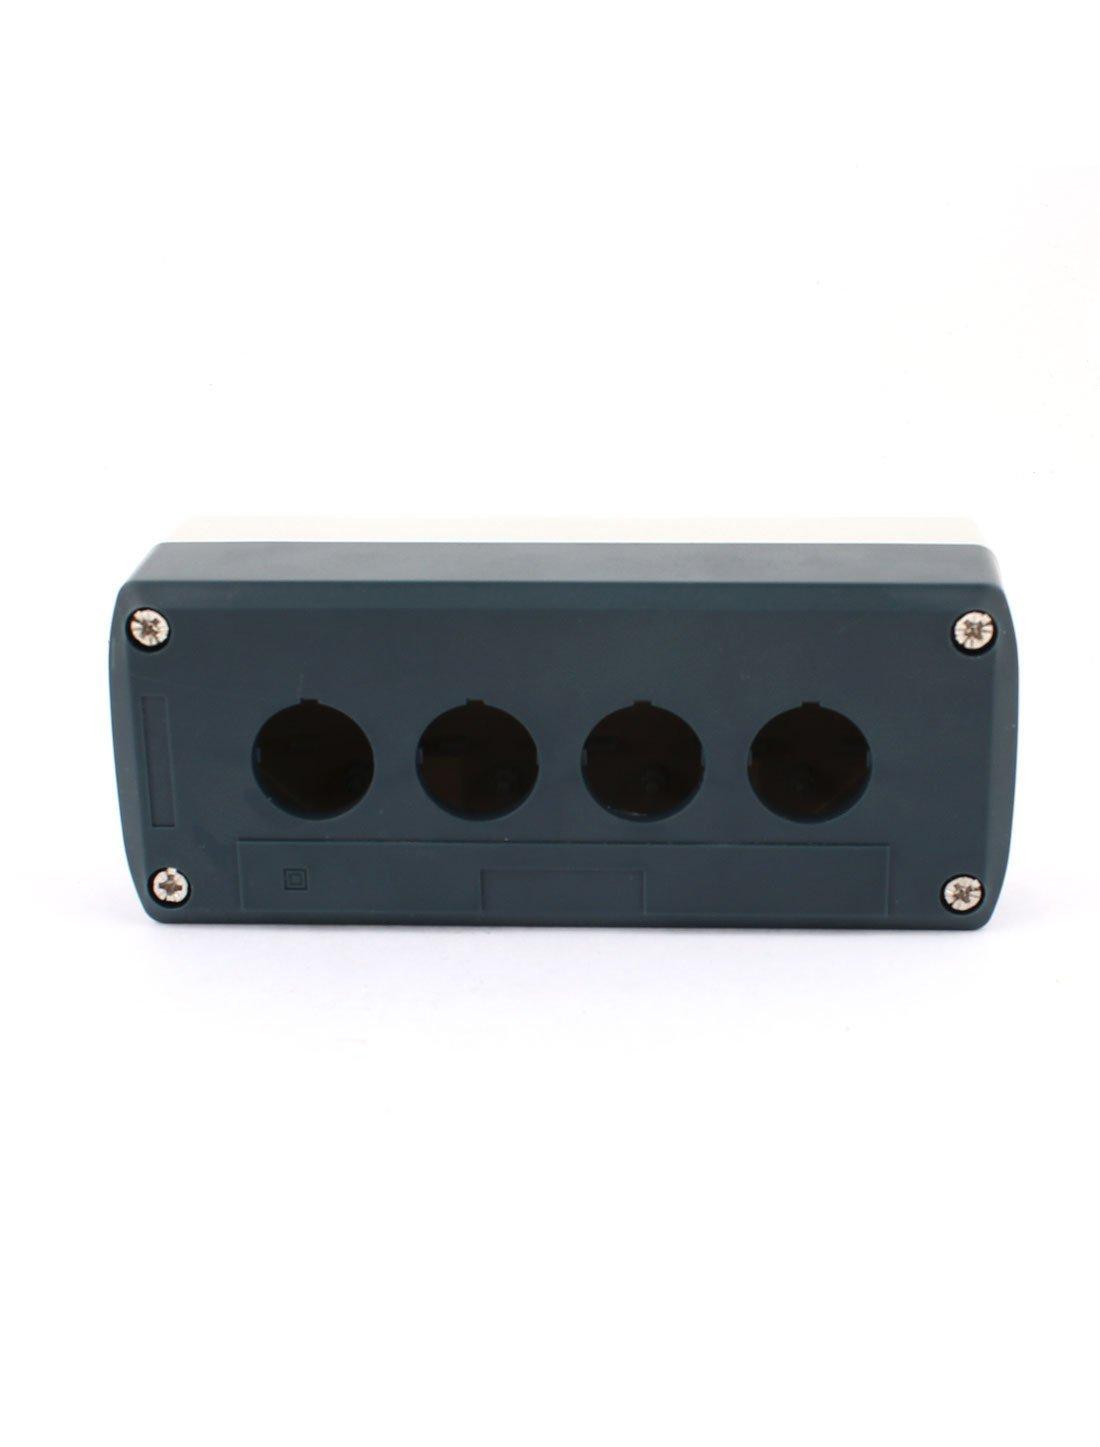 4 Botón agujero sellado eléctrico Pulsador estación de Control de la caja: Amazon.com: Industrial & Scientific